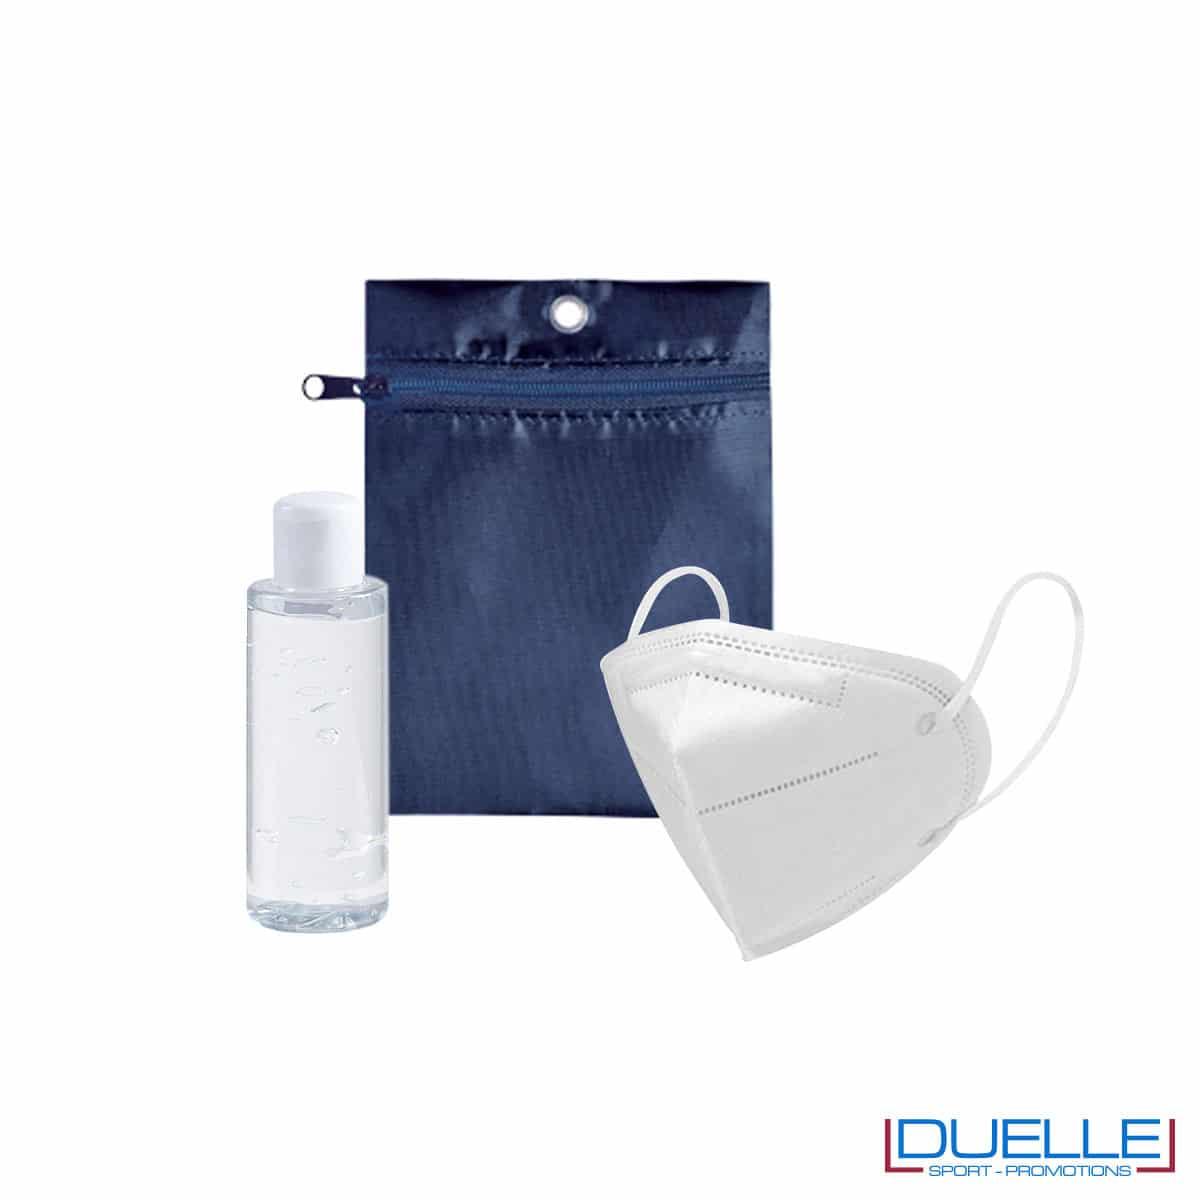 Set da viaggio igienizzante con bustina colore blu navy personalizzata